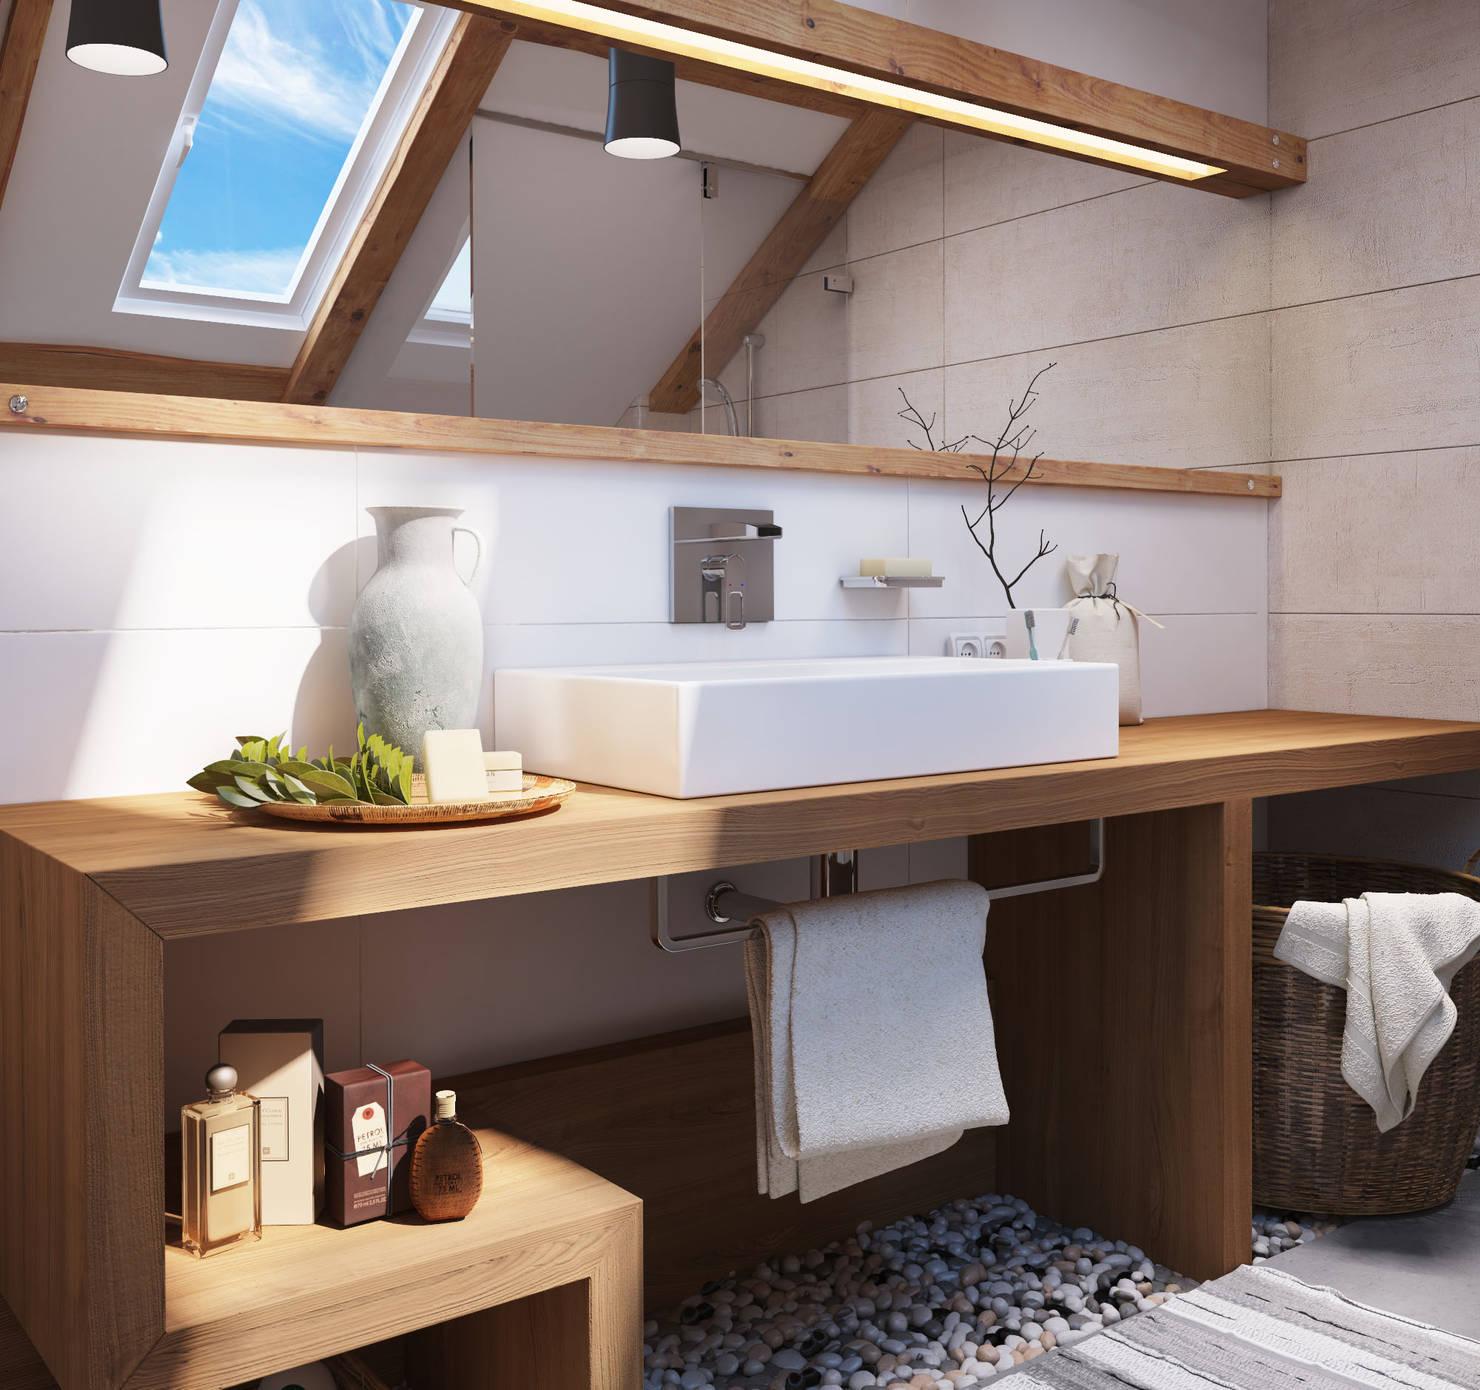 10 советов, чтобы ванная была свежей и аккуратной